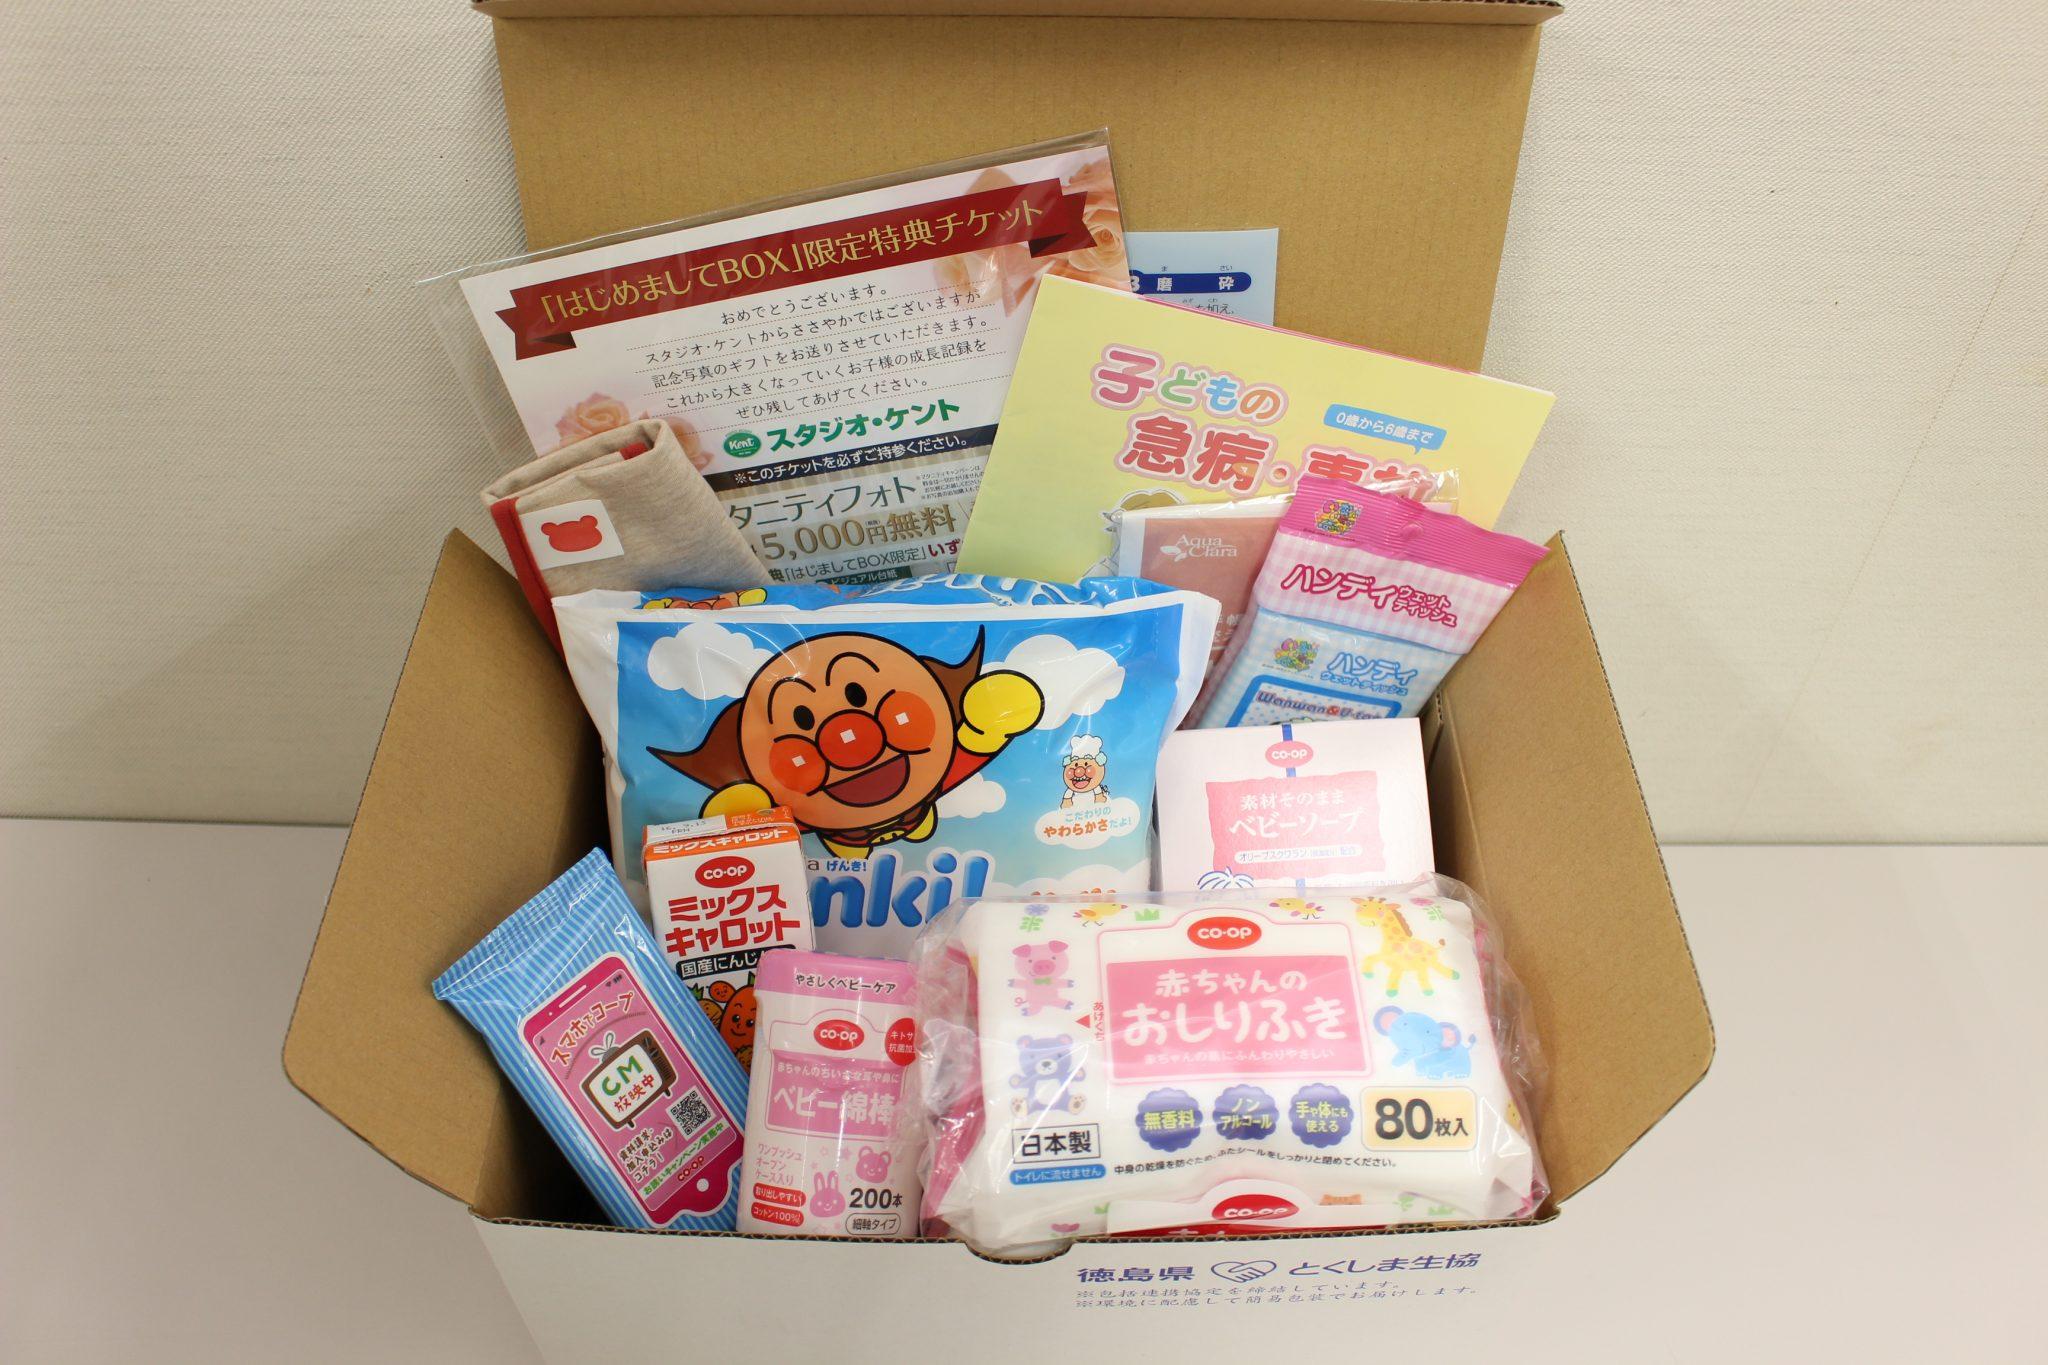 とくしまの赤ちゃんに育児用品を無償でお届け!(◎^∀^)σ由プレゼント